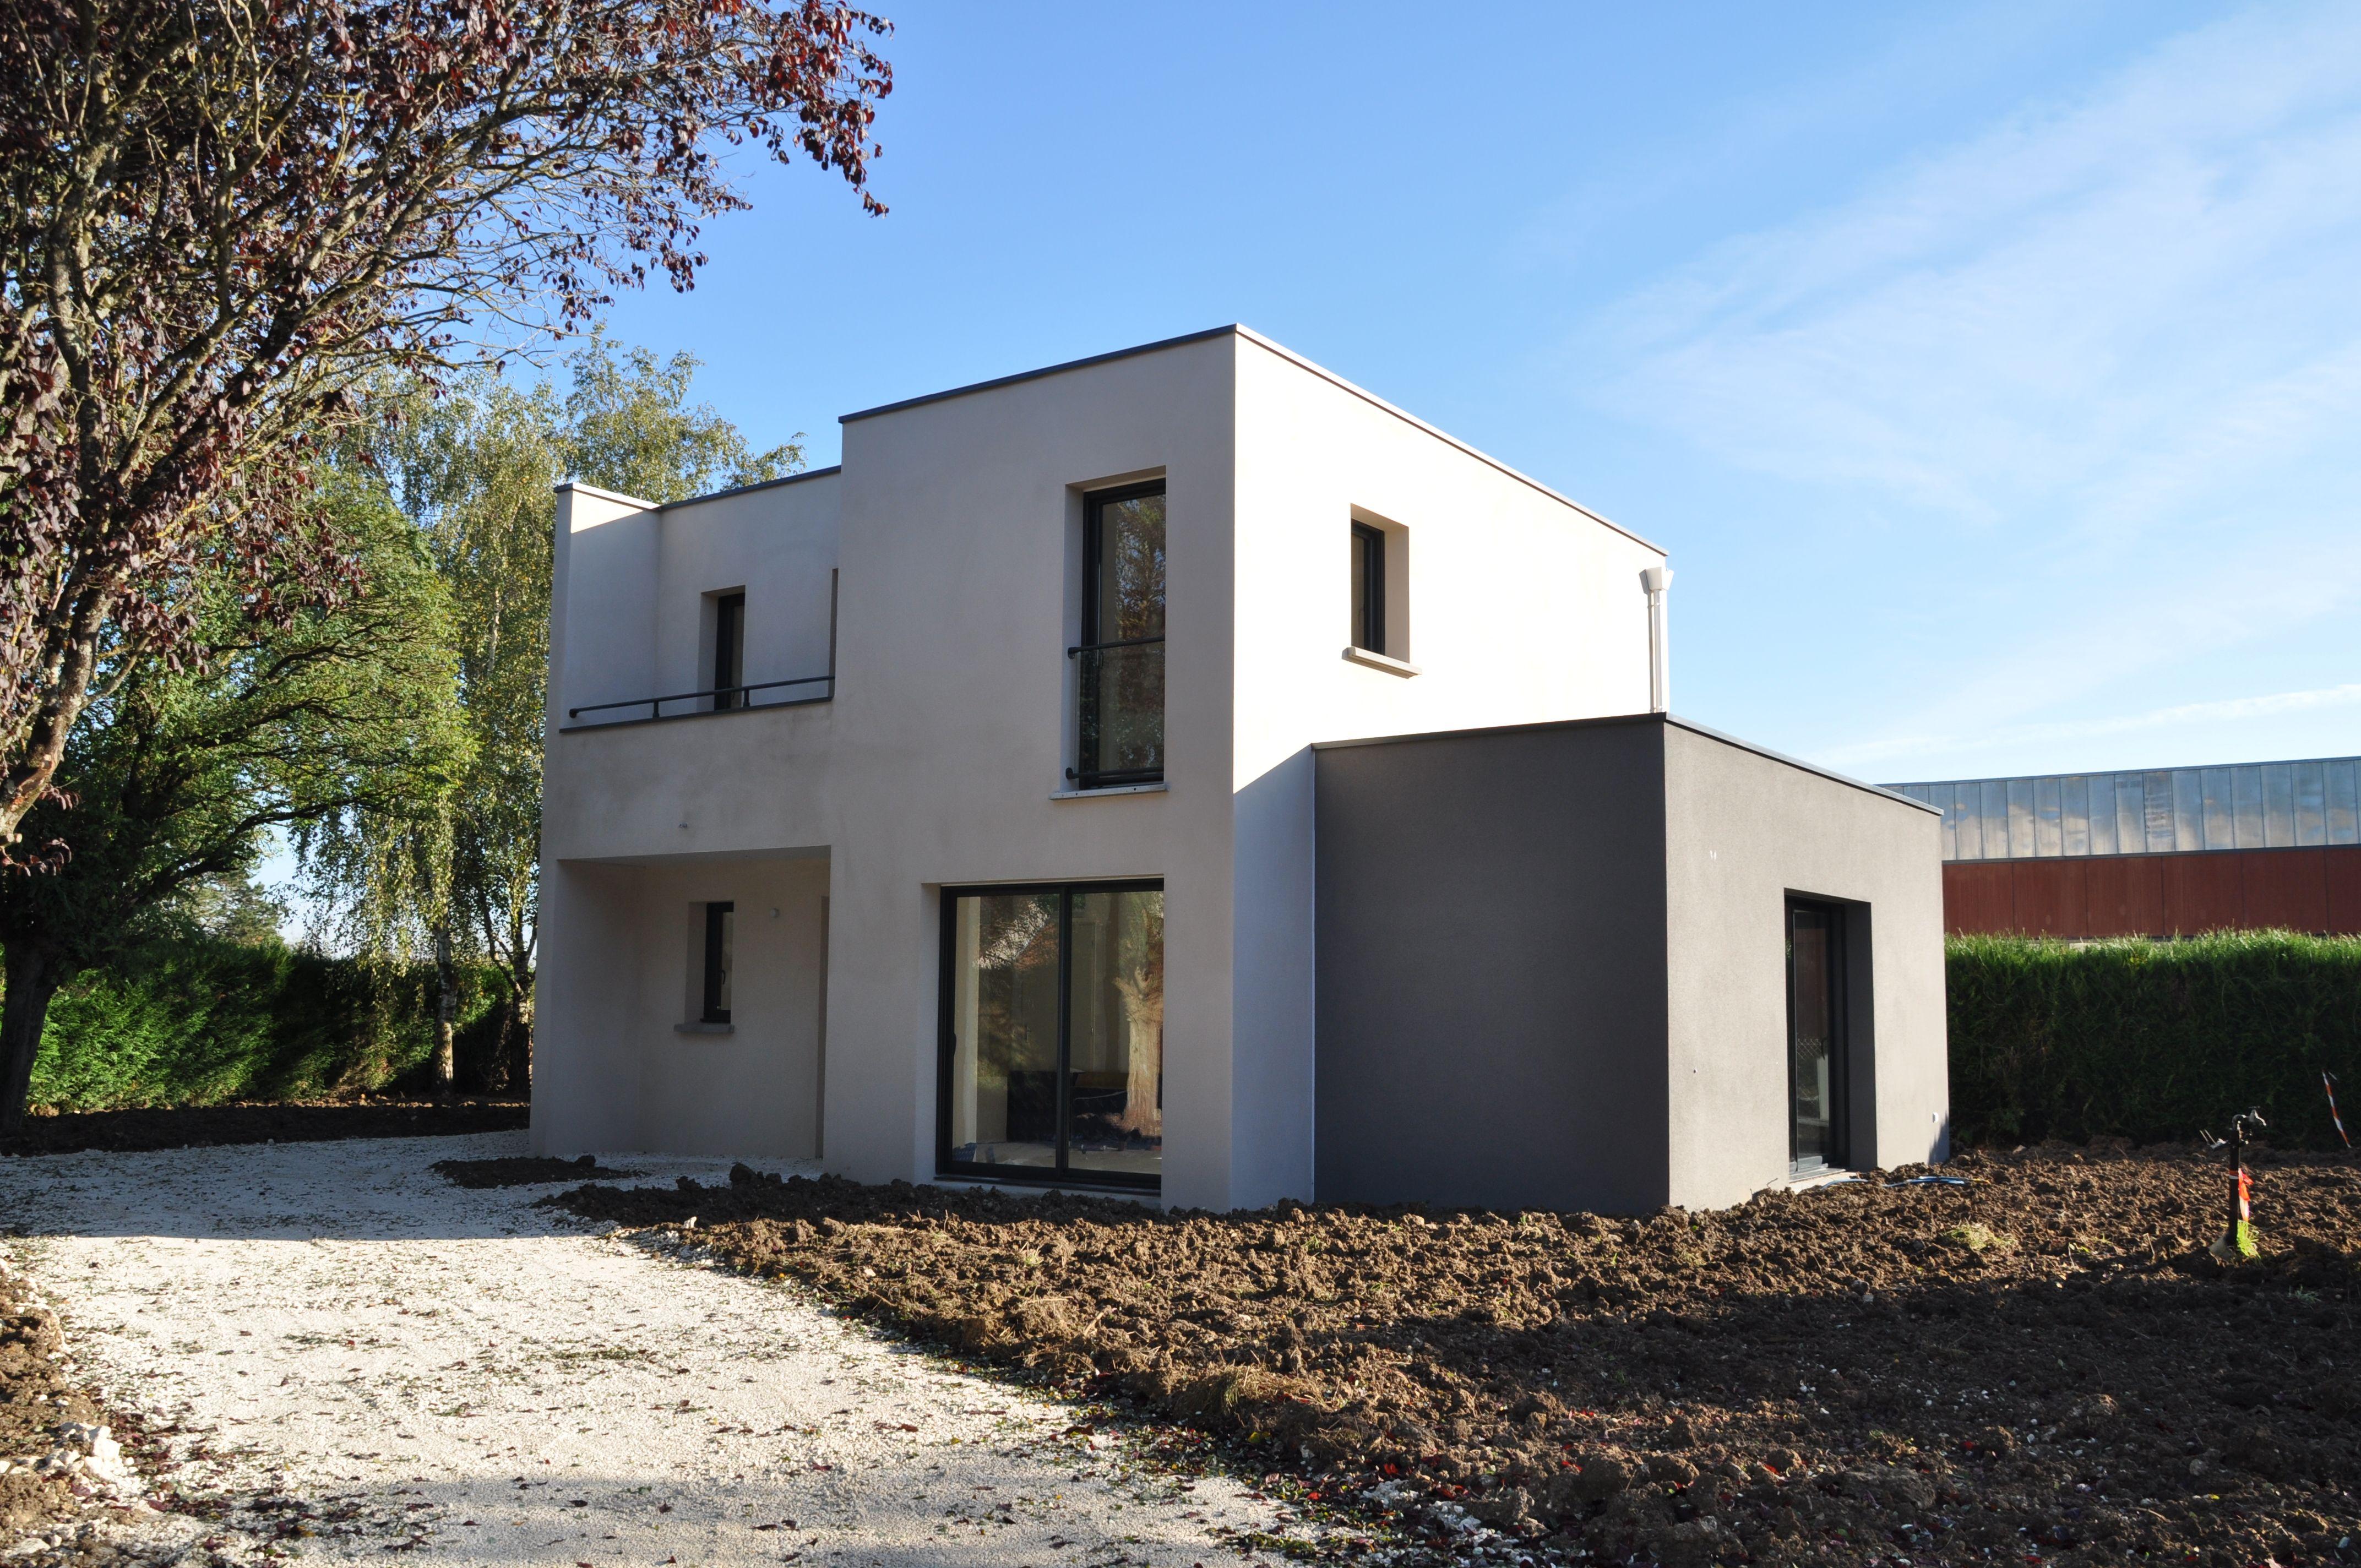 constructeur maison contemporaine indre et loire ventana. Black Bedroom Furniture Sets. Home Design Ideas